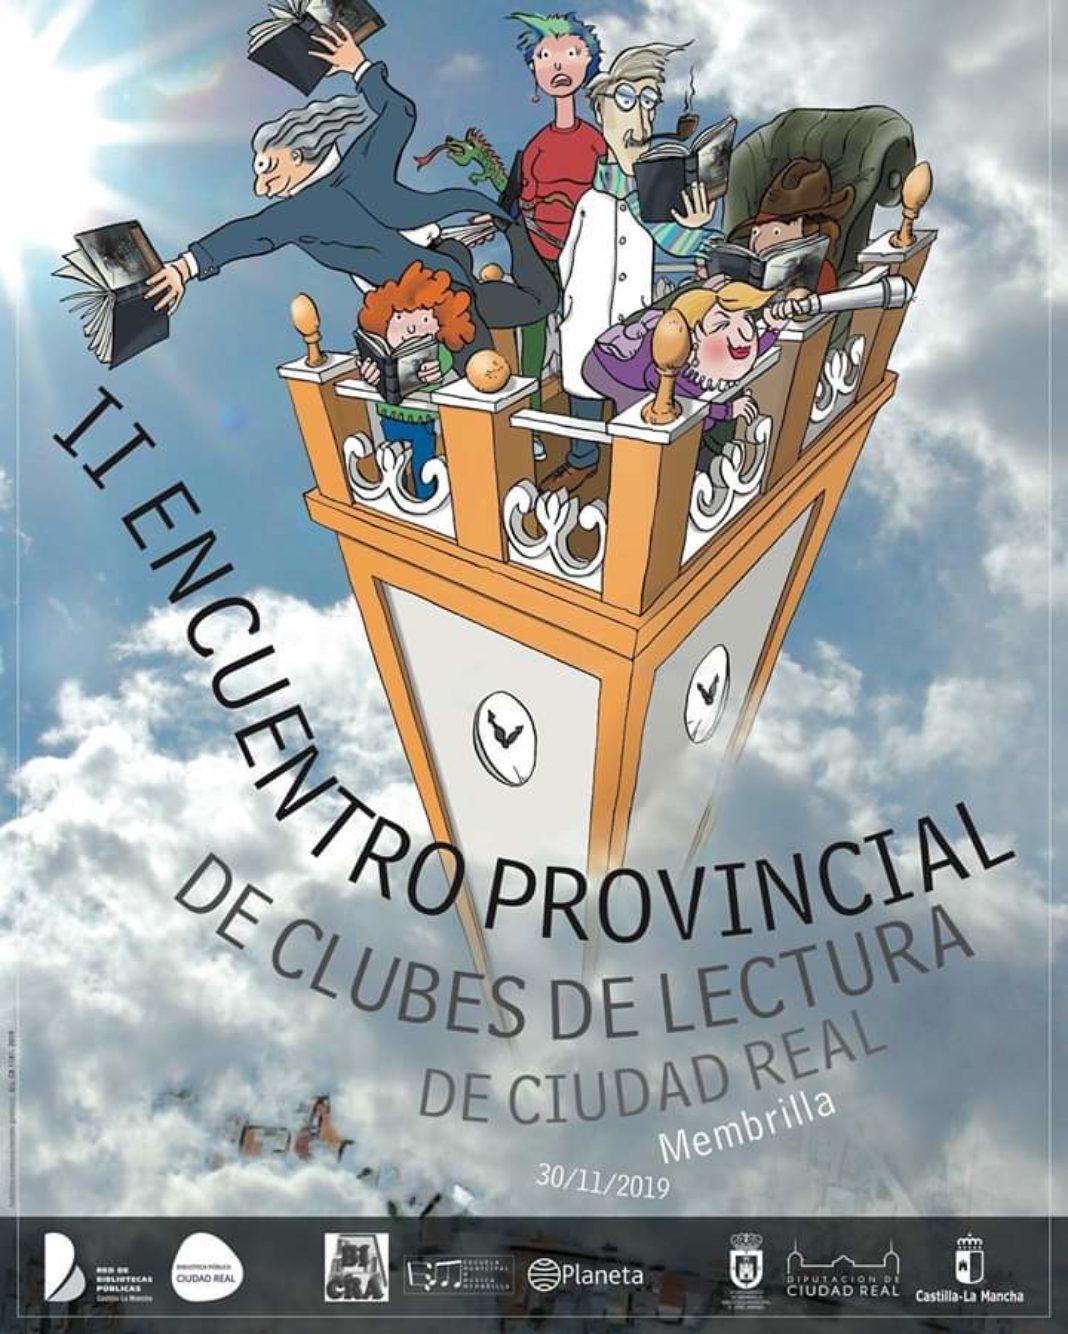 II Reunión Provincial de Clubs de Lectura de Ciudad Real 1068x1334 - Todavía está abierta la inscripción para el II Encuentro Provincial de Clubes de Lectura